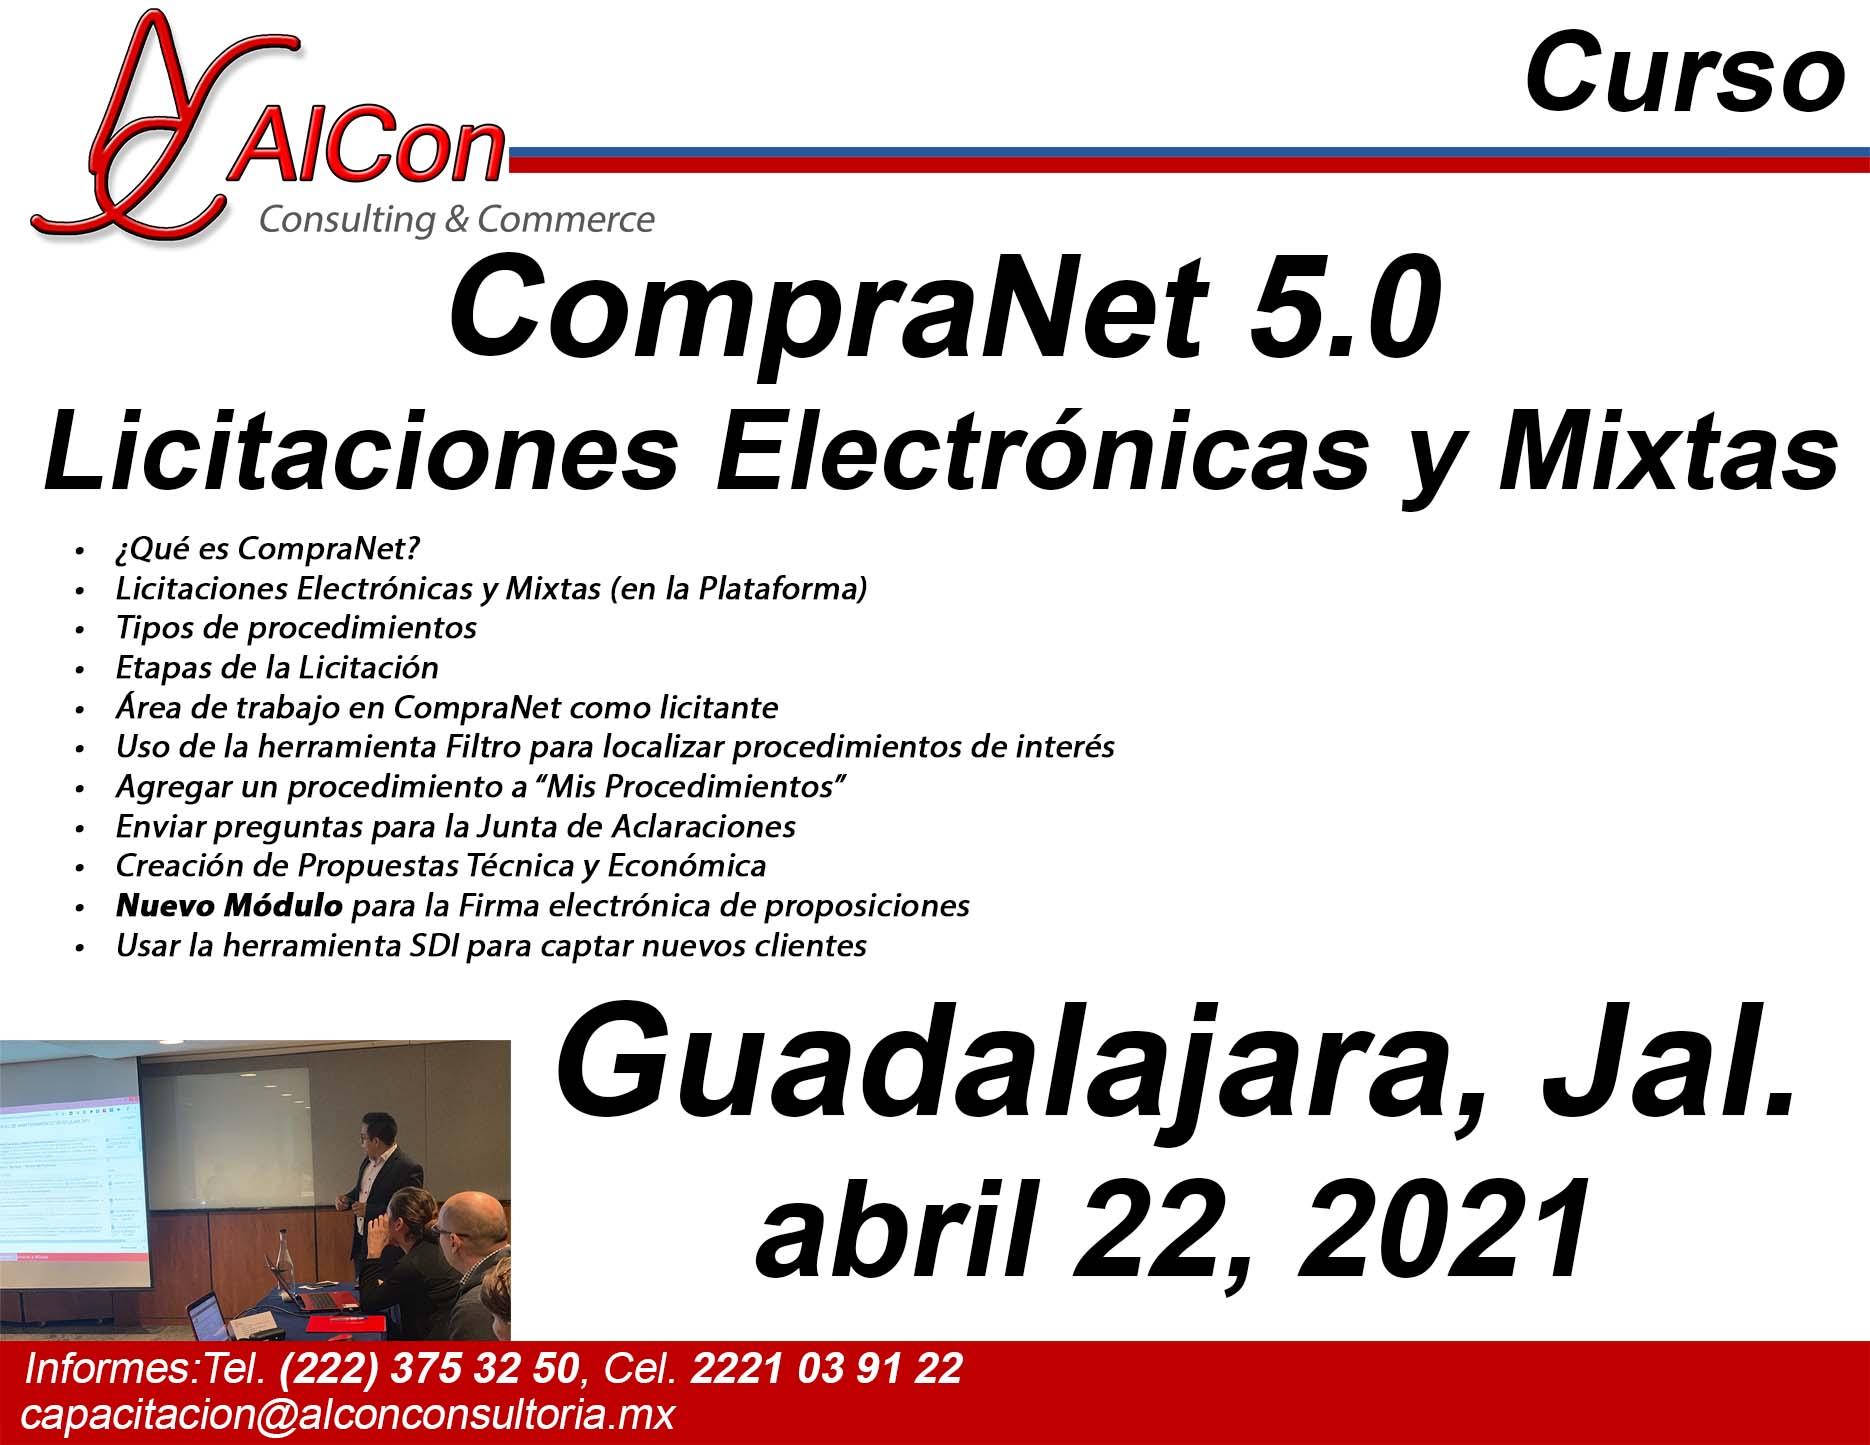 Curso de CompraNet 5.0, Guadalajara, Jalisco, AlCon Consultoría y Cómputo, AlCon Consulting And Commerce